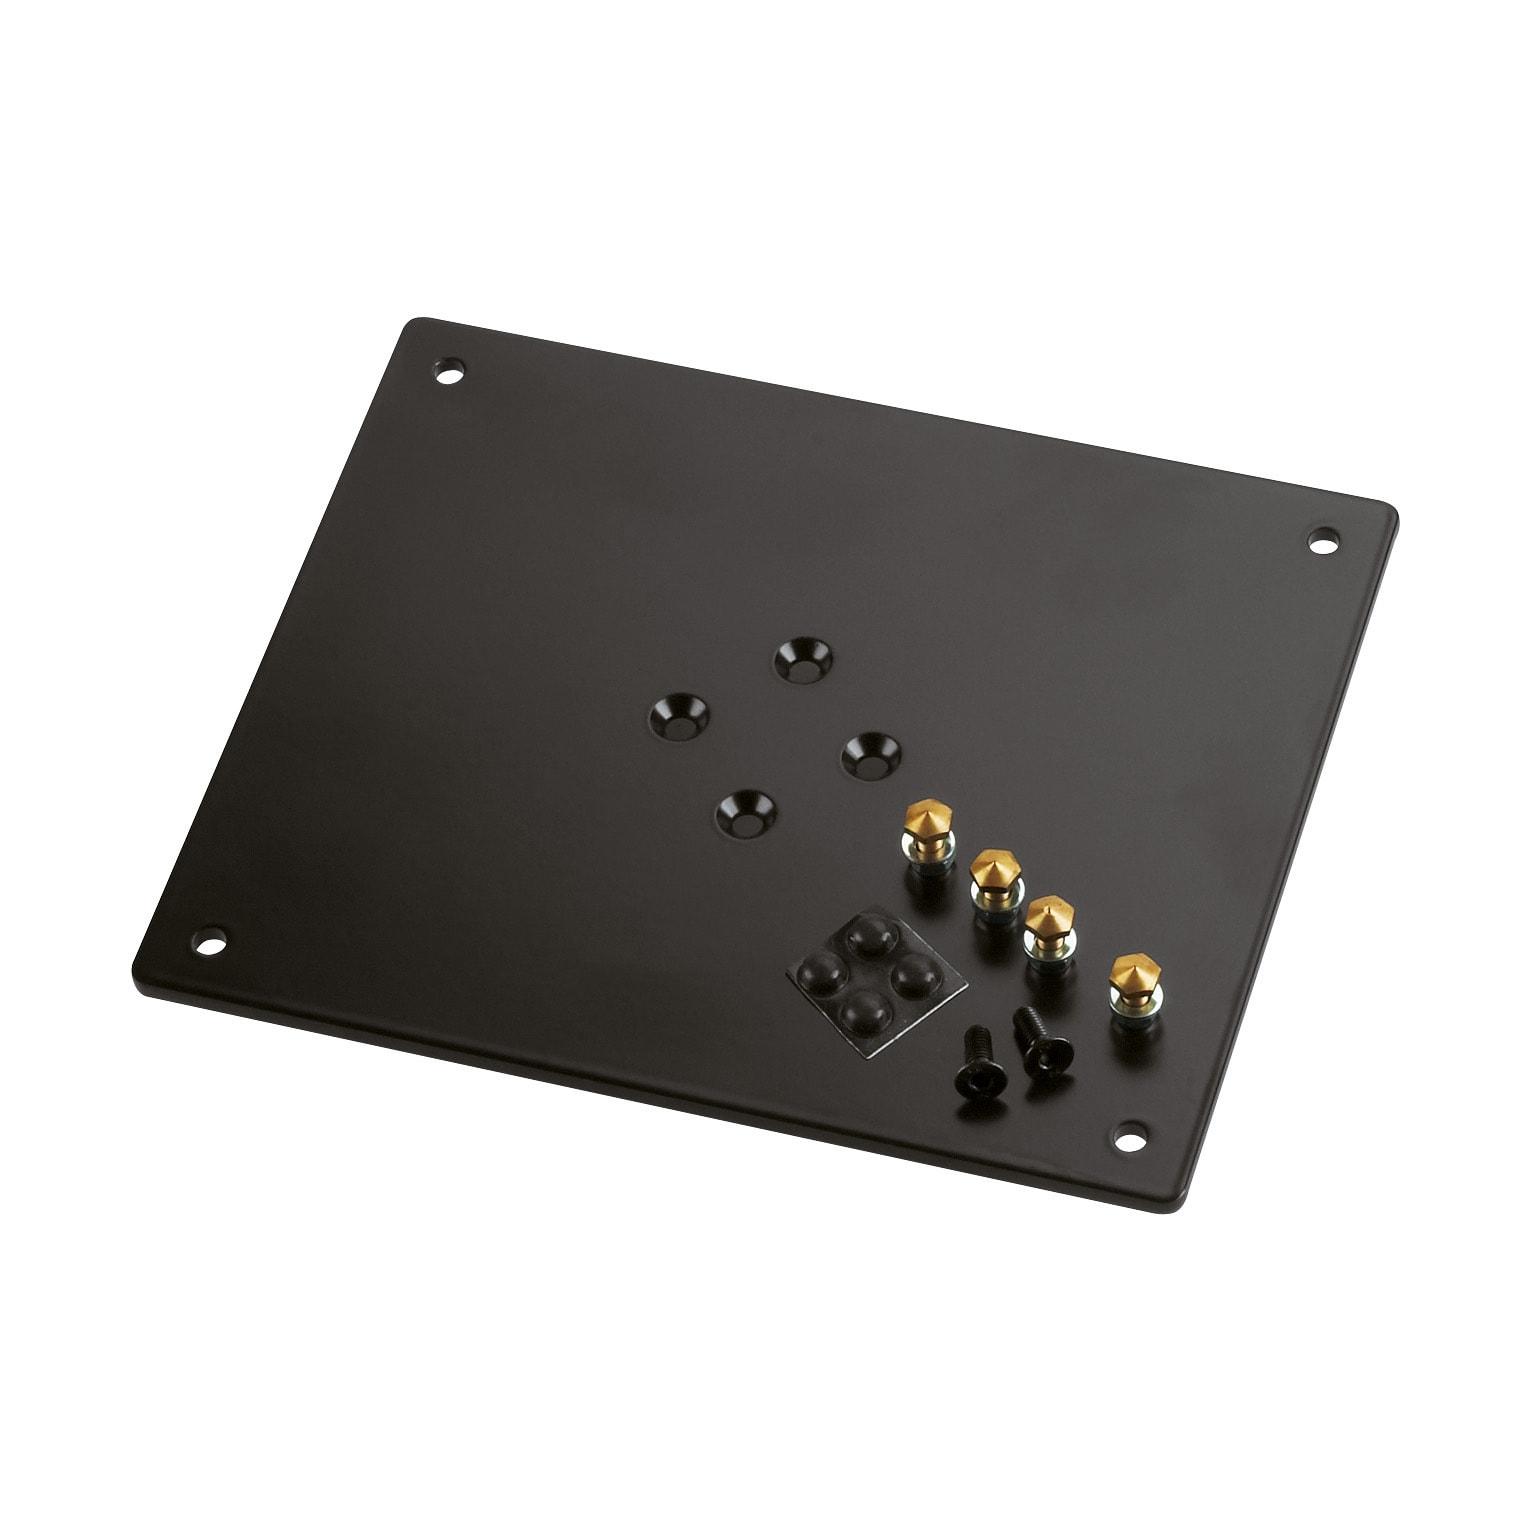 KM26792 - Bearing plate